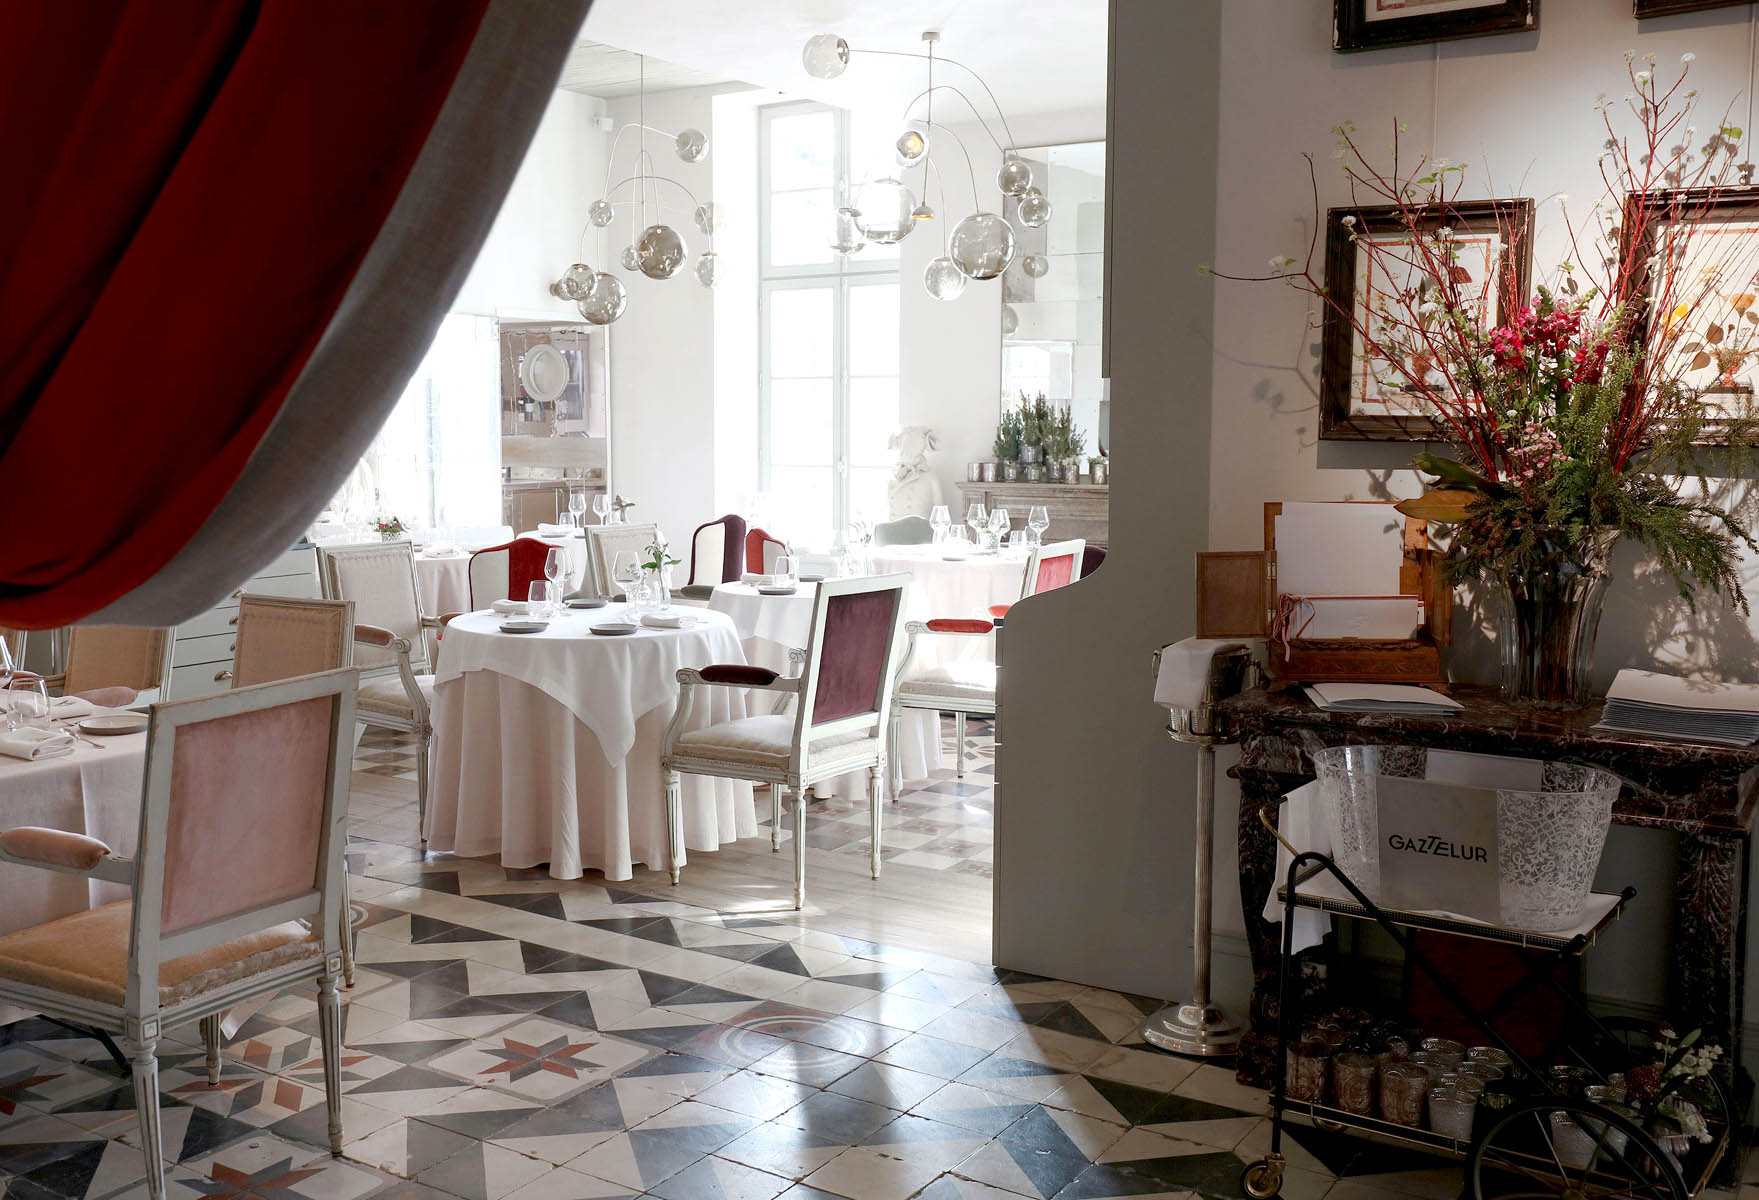 L 39 atelier de gaztelur restaurant gastronomique arcangues for Chambre de l assurance